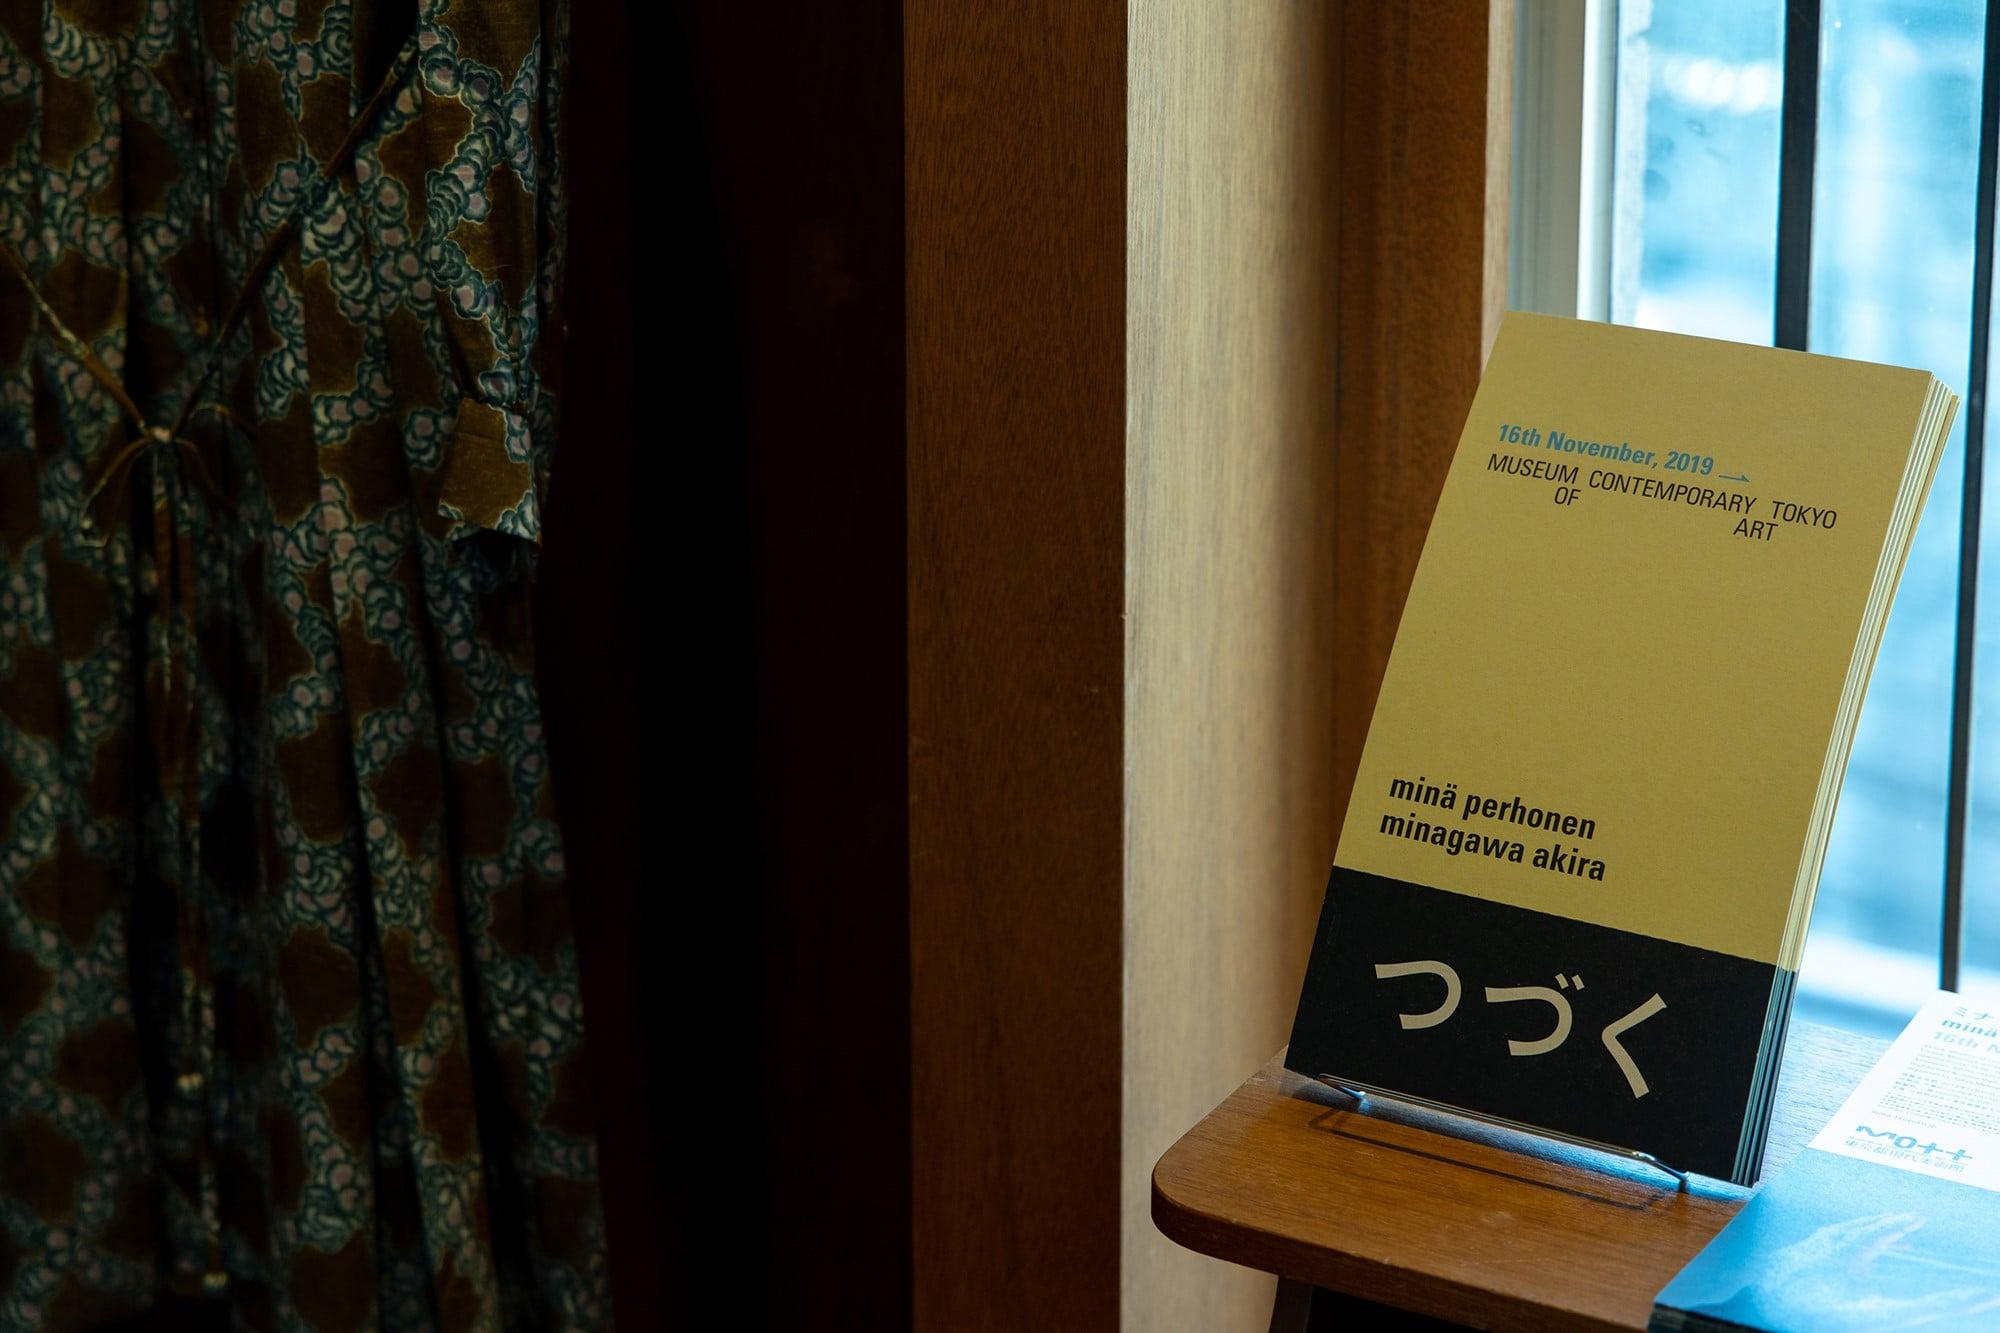 11月16日から東京都現代美術館で開催される「つづく」展のチラシは、葛西薫がデザイン。葛西のアイデアで、タイトル部分が栞になるというユニークなものとなった。細部に至るまで、遊び心を加味している。